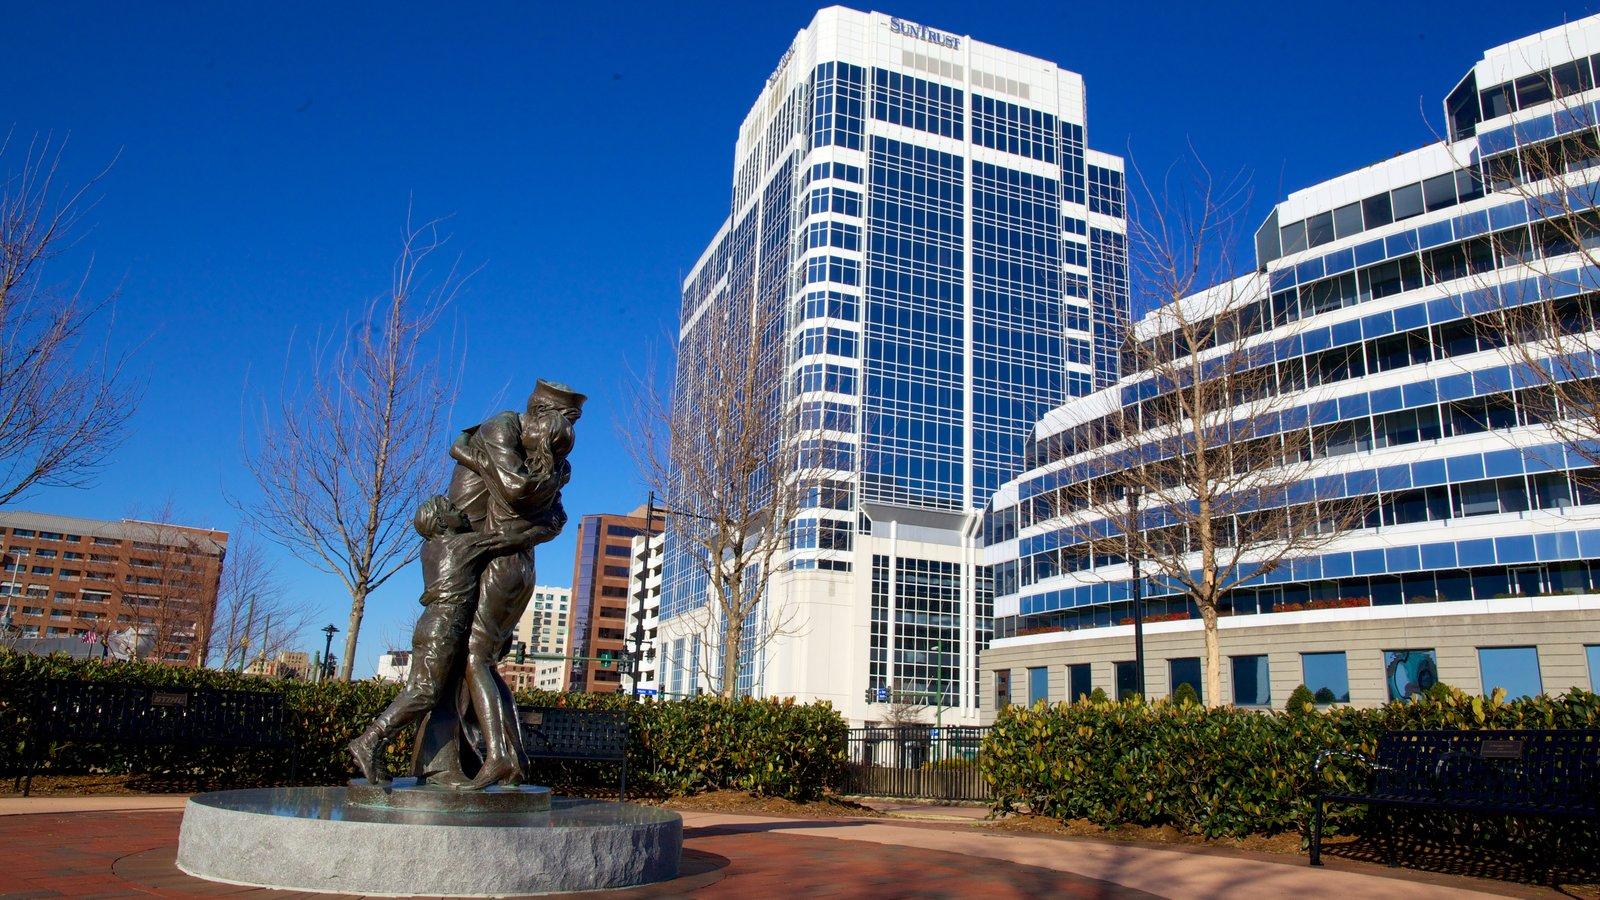 Virgínia caracterizando arquitetura moderna, um jardim e um arranha-céu